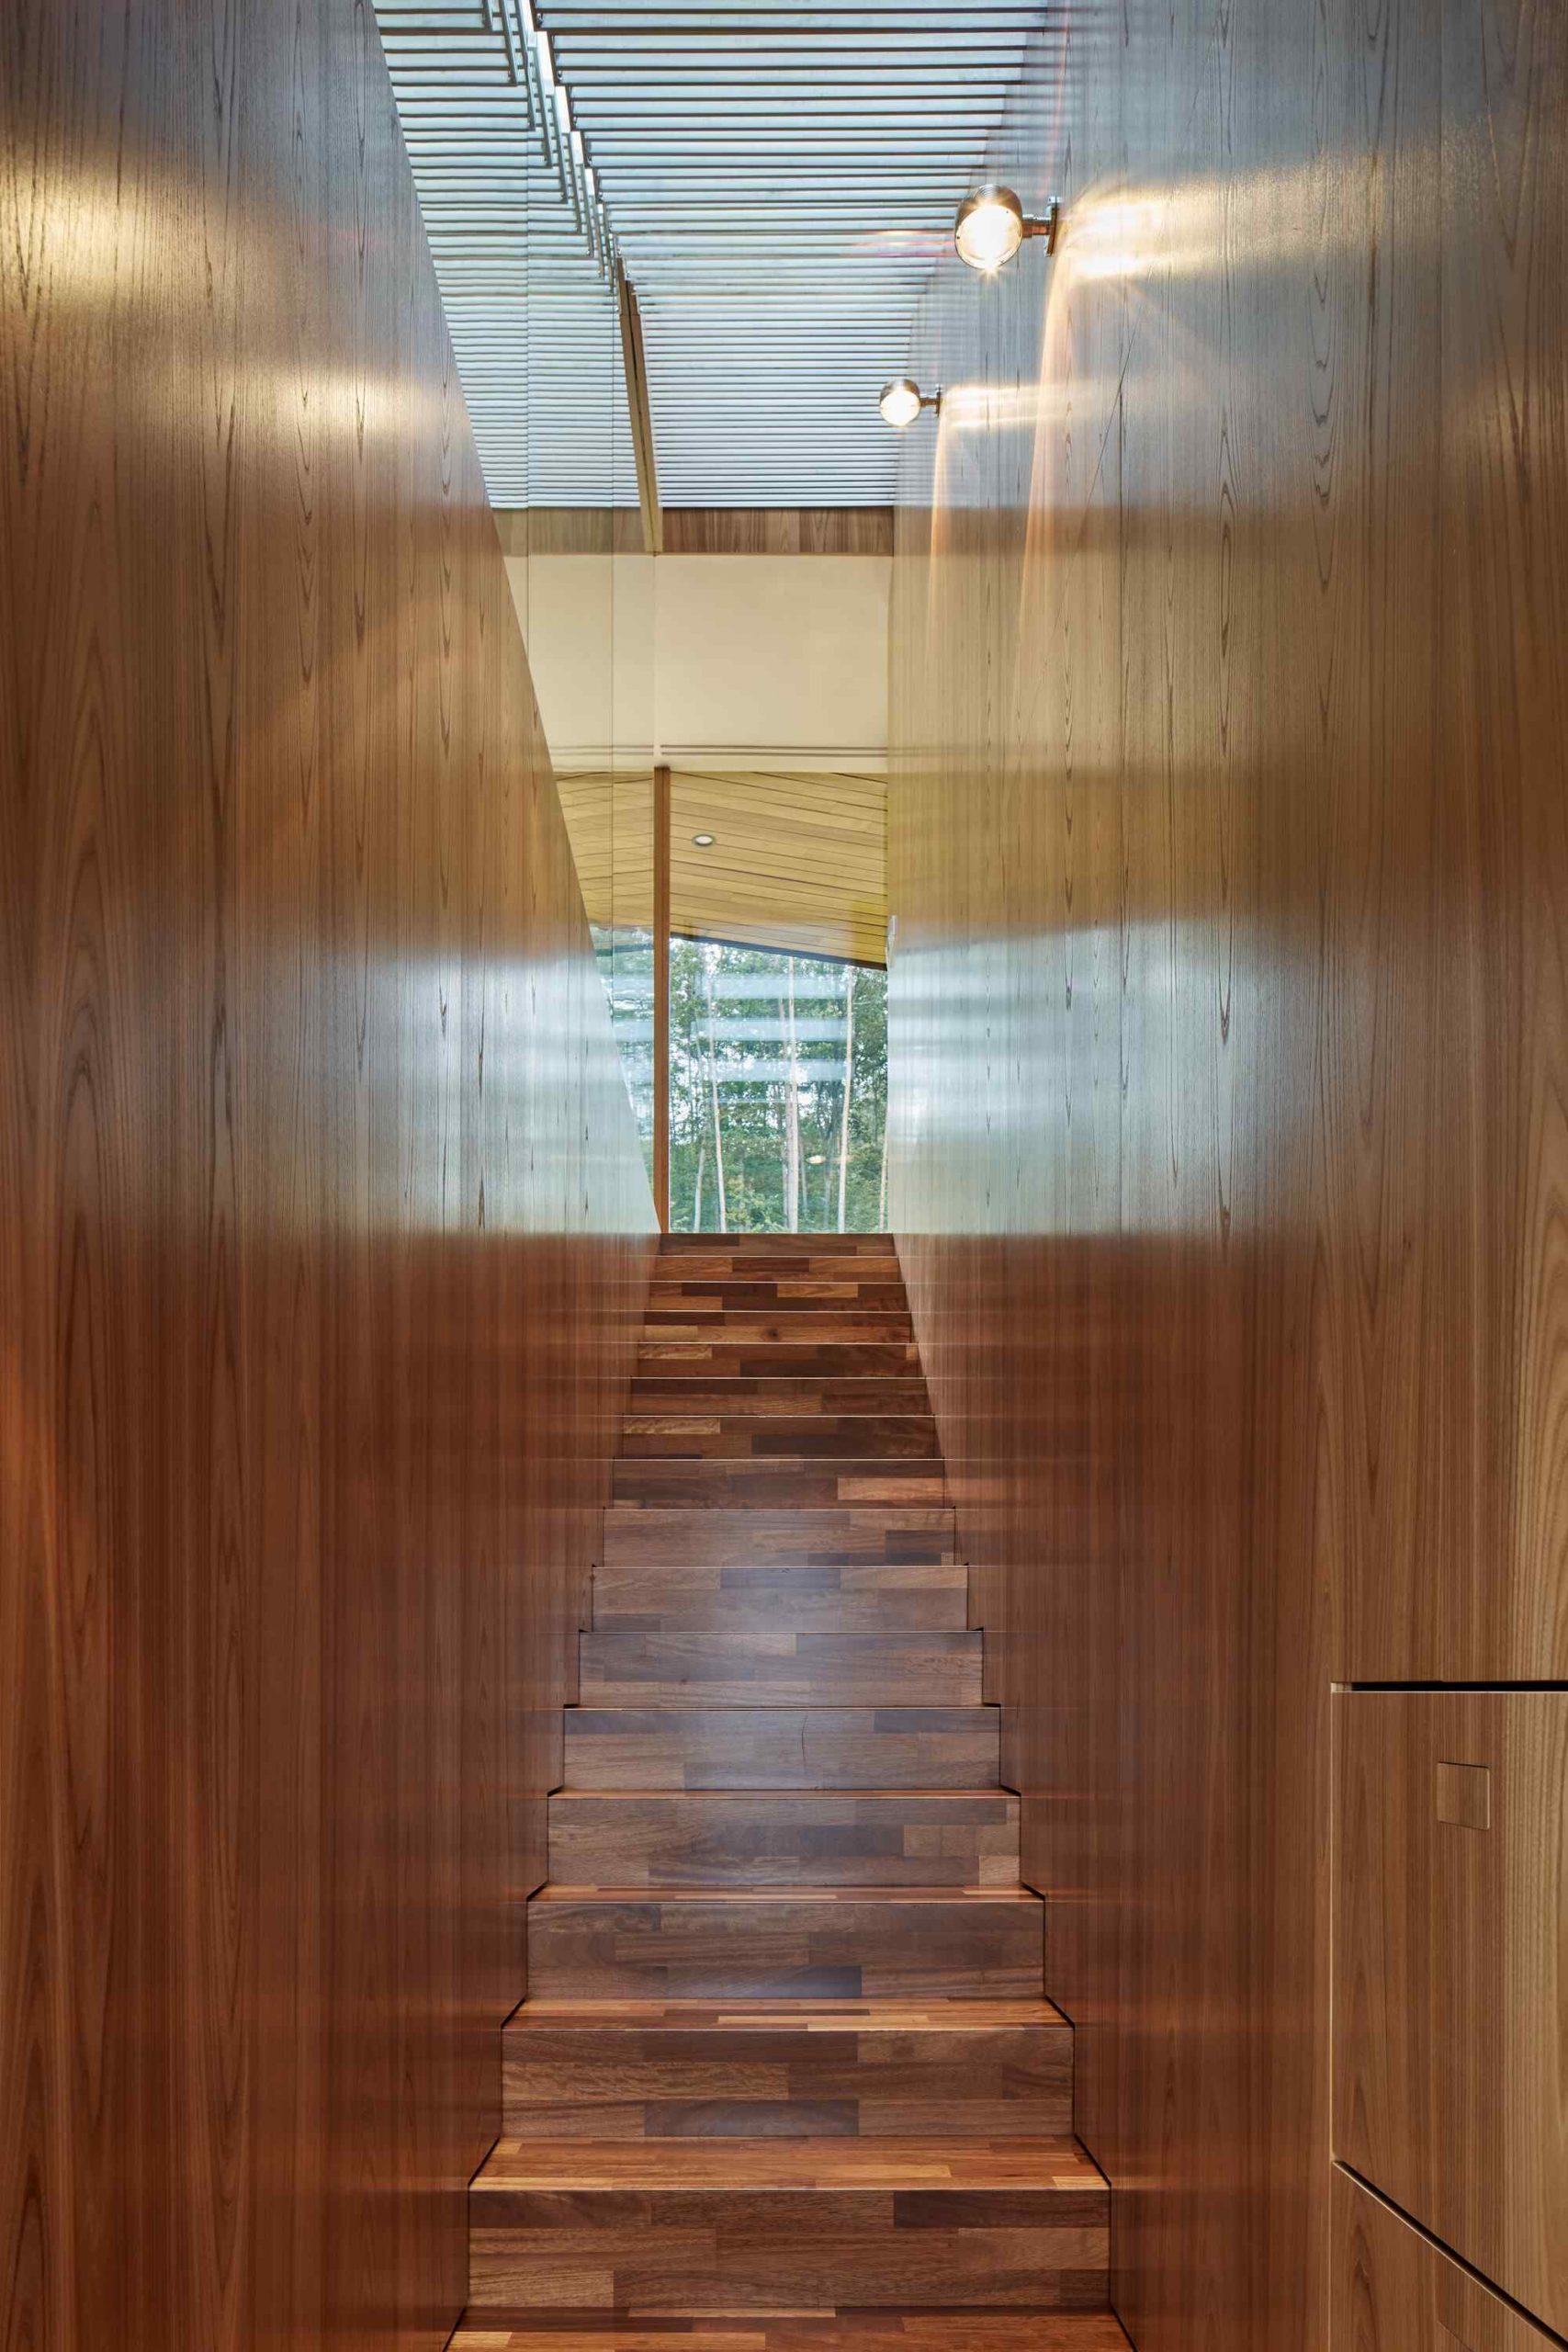 Drevené steny schodiska